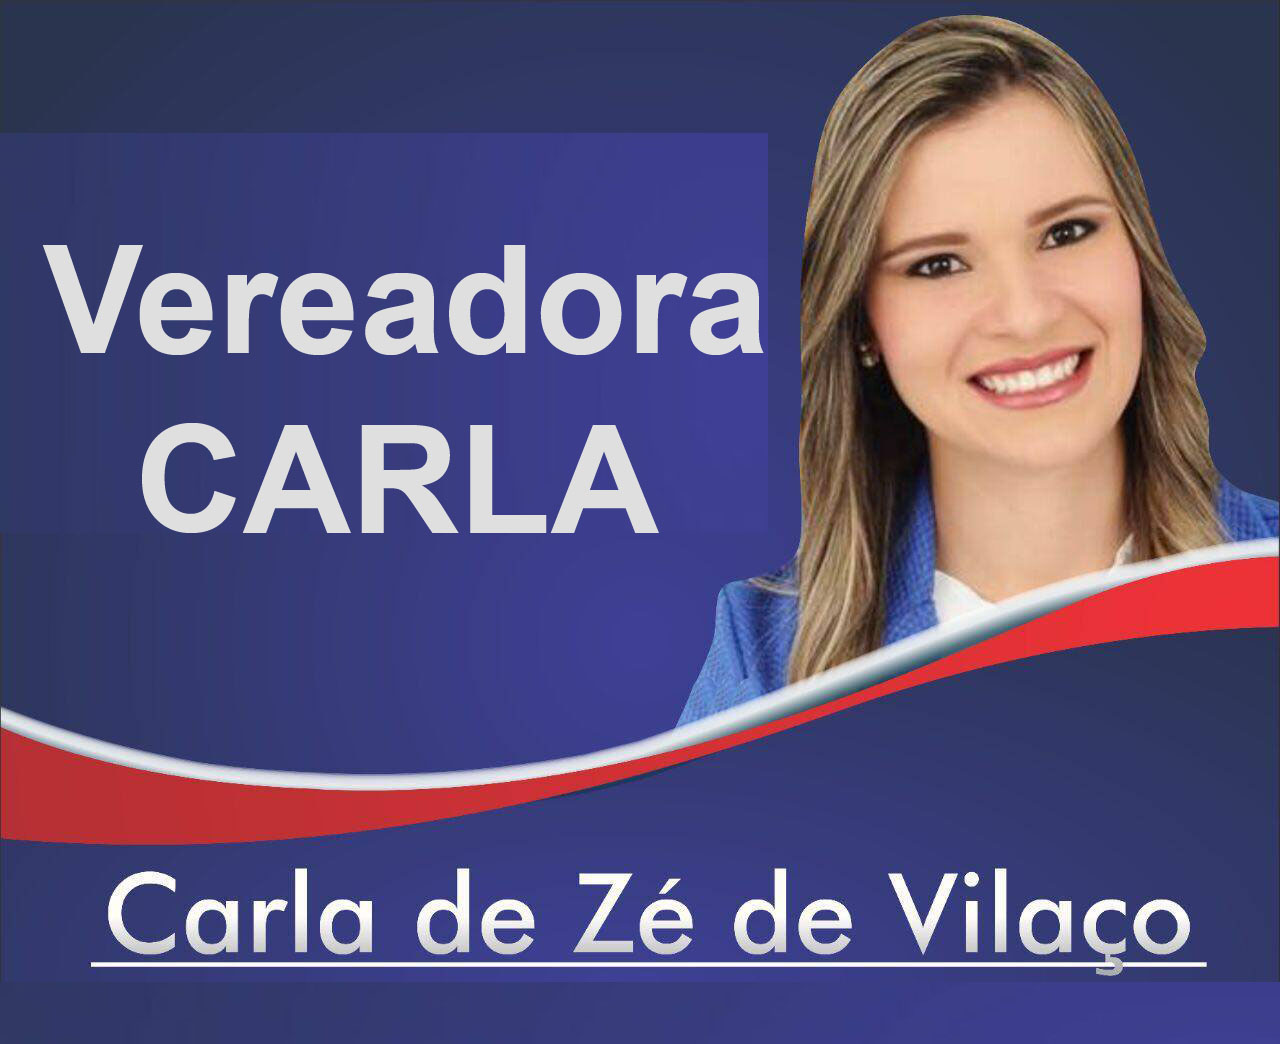 VEREADORA CARLA DE ZÉ DE VILAÇO